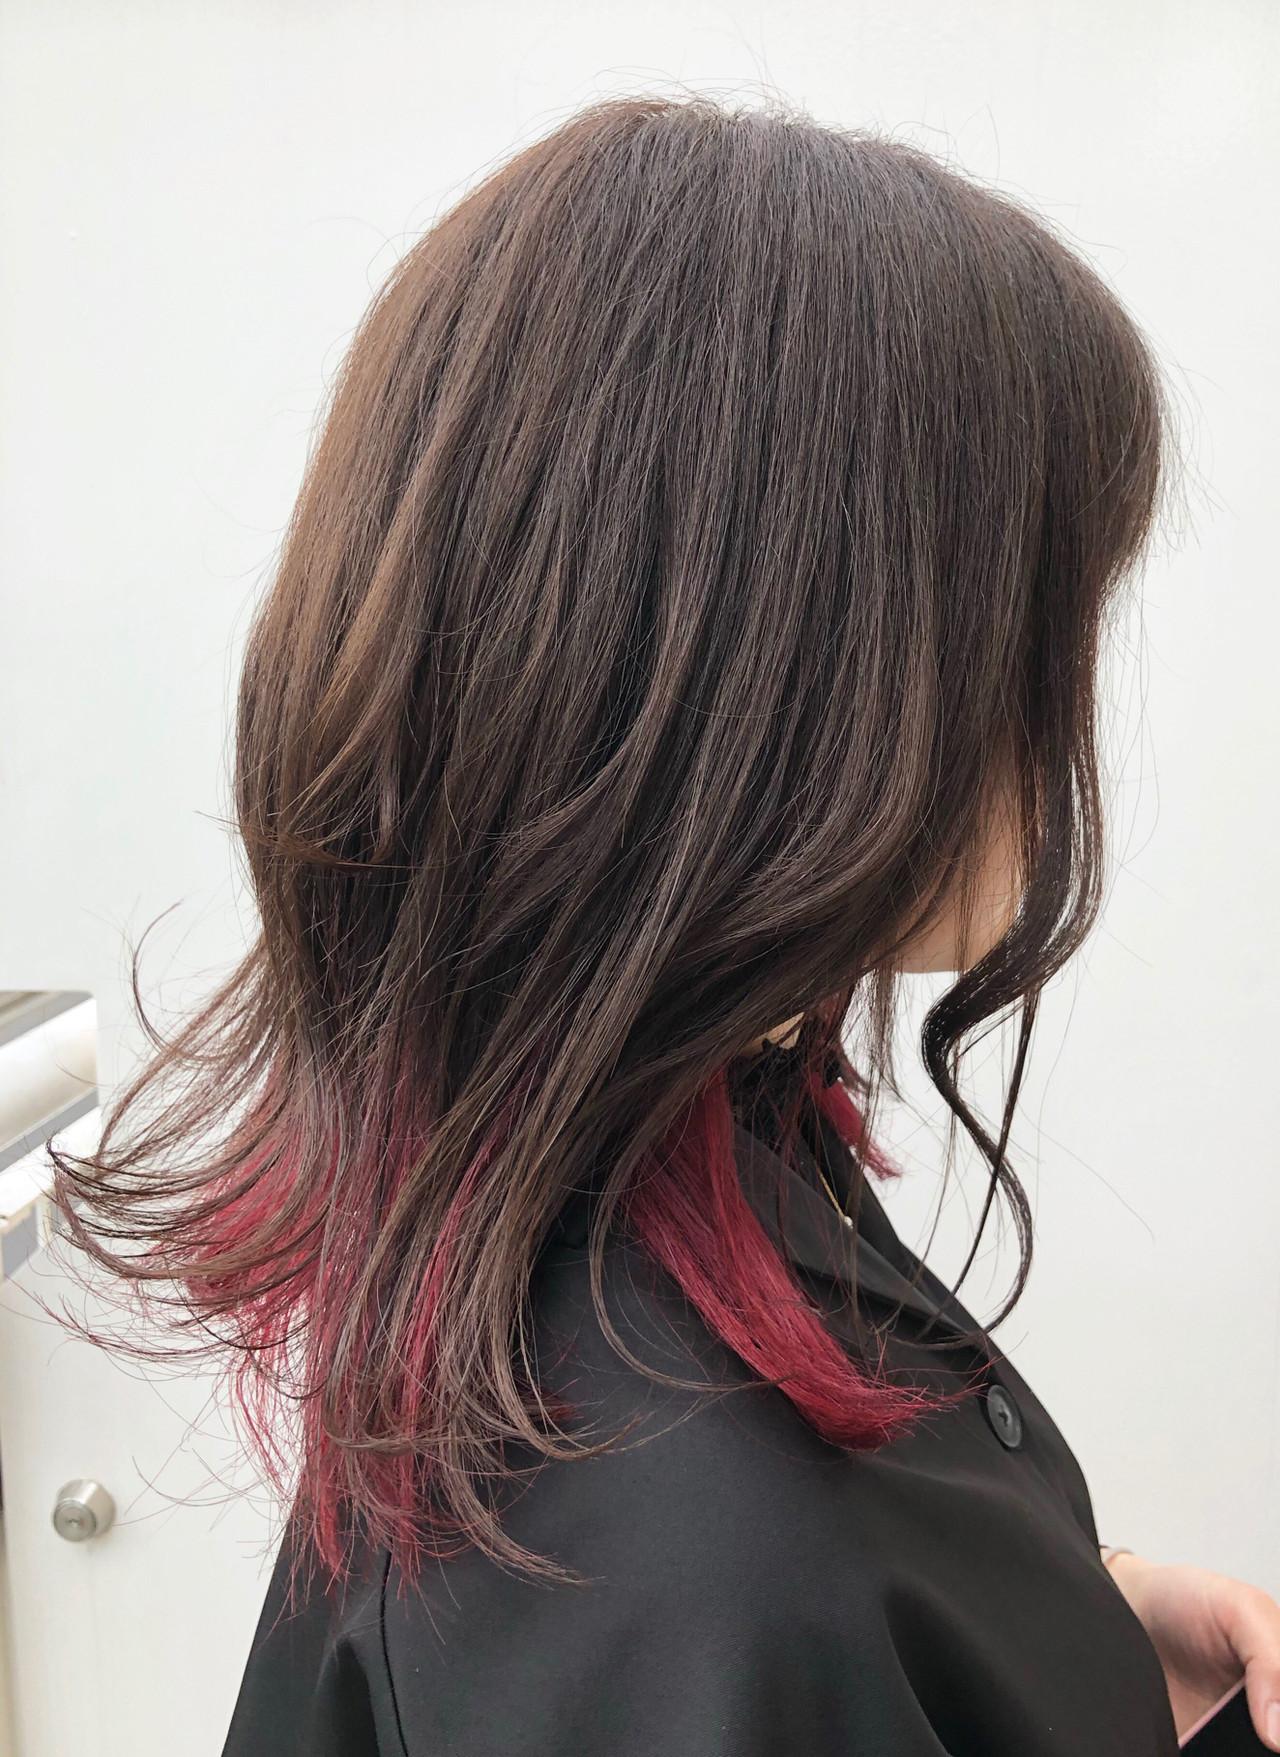 ストリート ベリーピンク デート グラデーションカラー ヘアスタイルや髪型の写真・画像